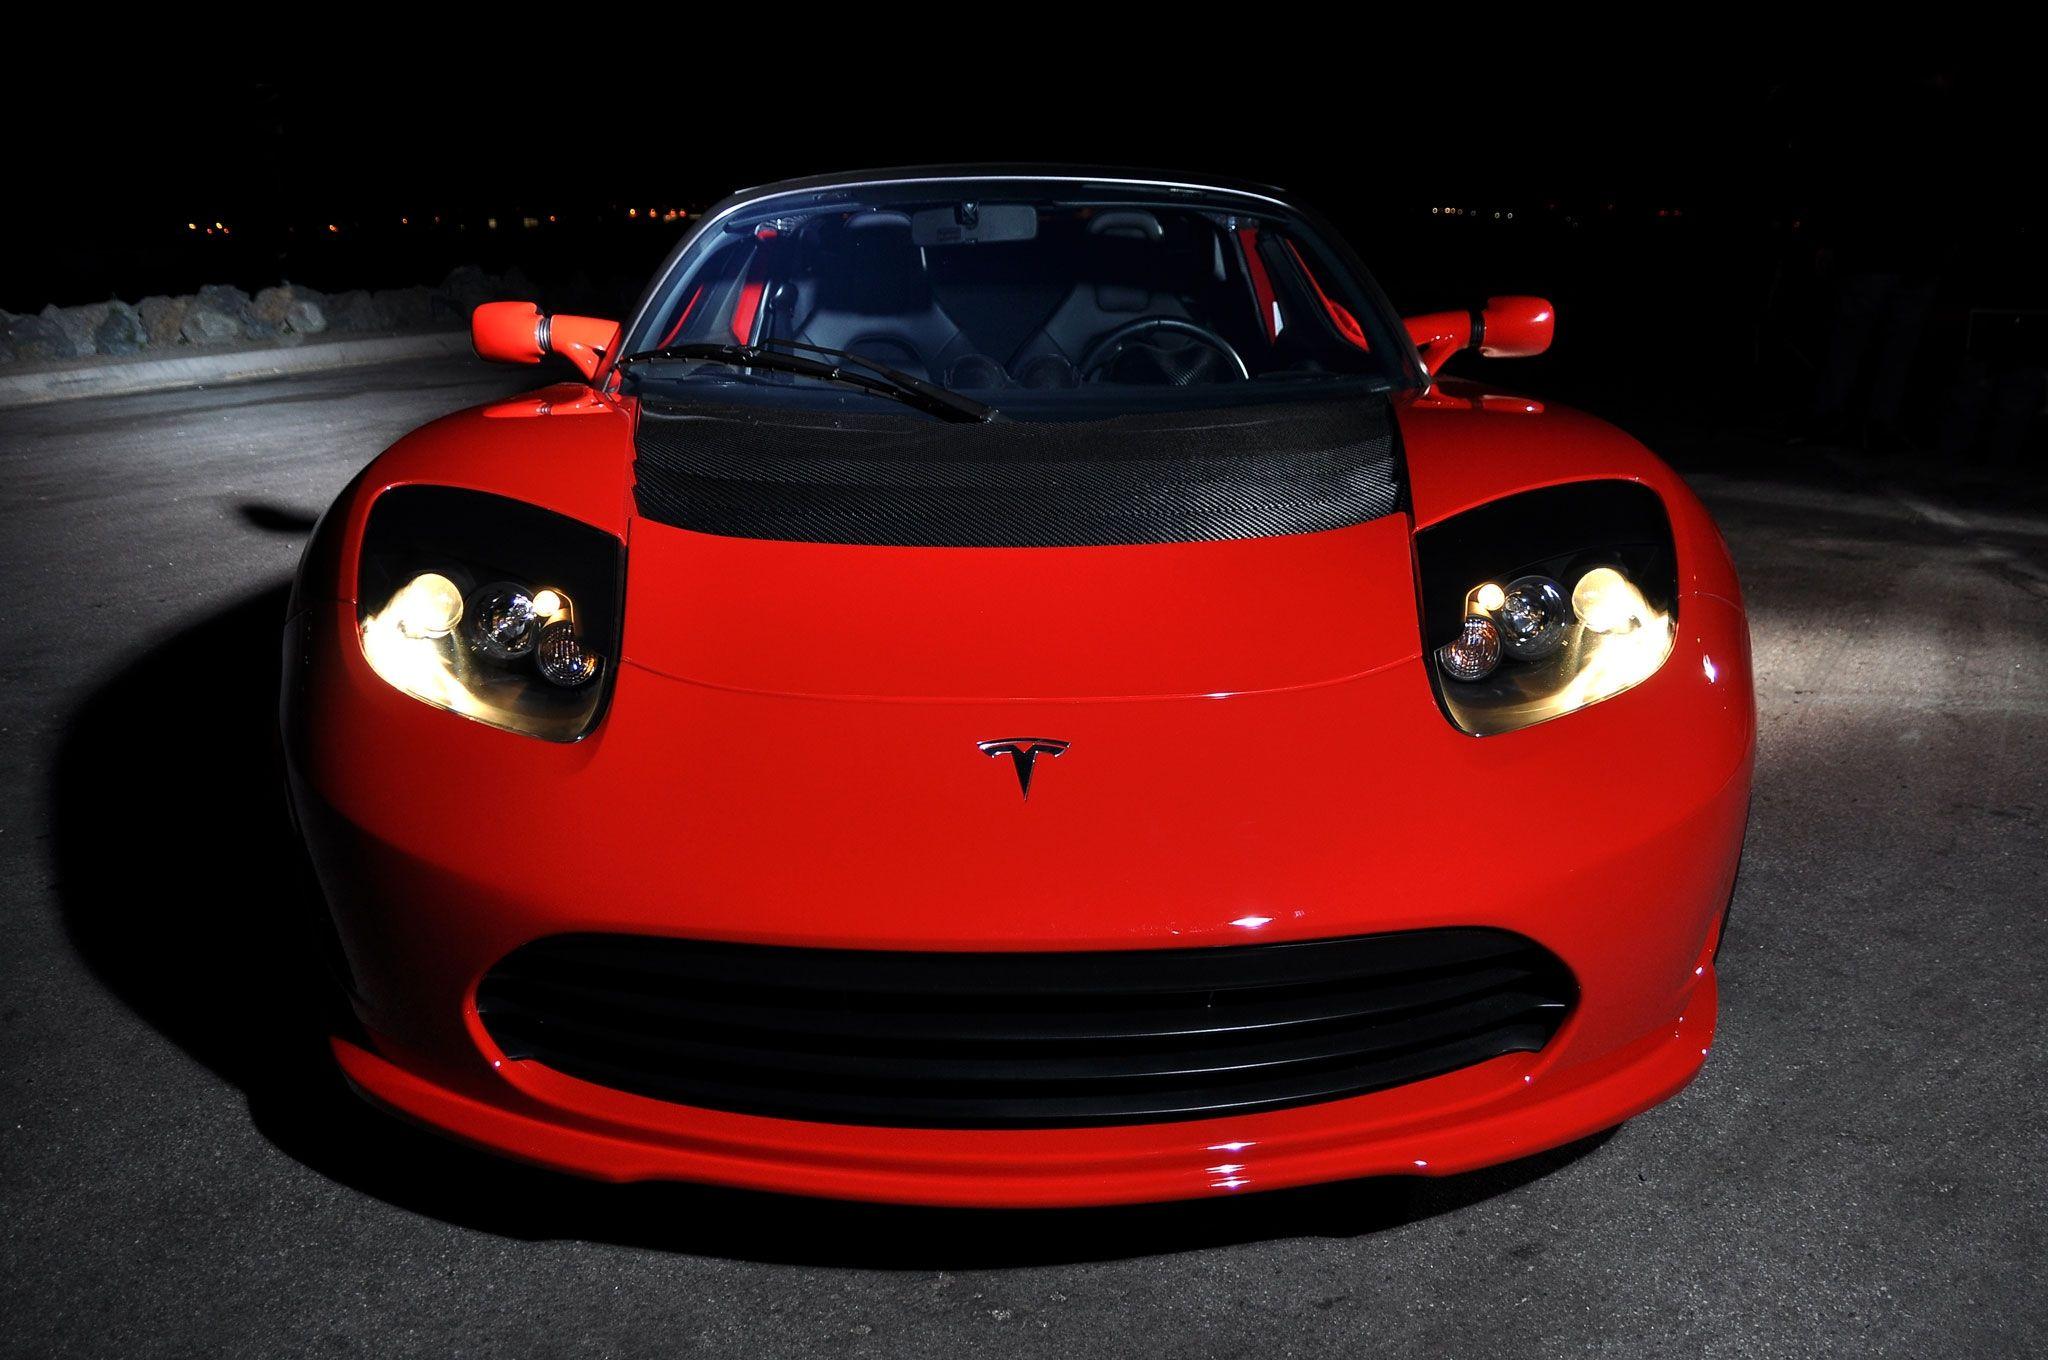 Tesla Roadster 3.0 model S 85..